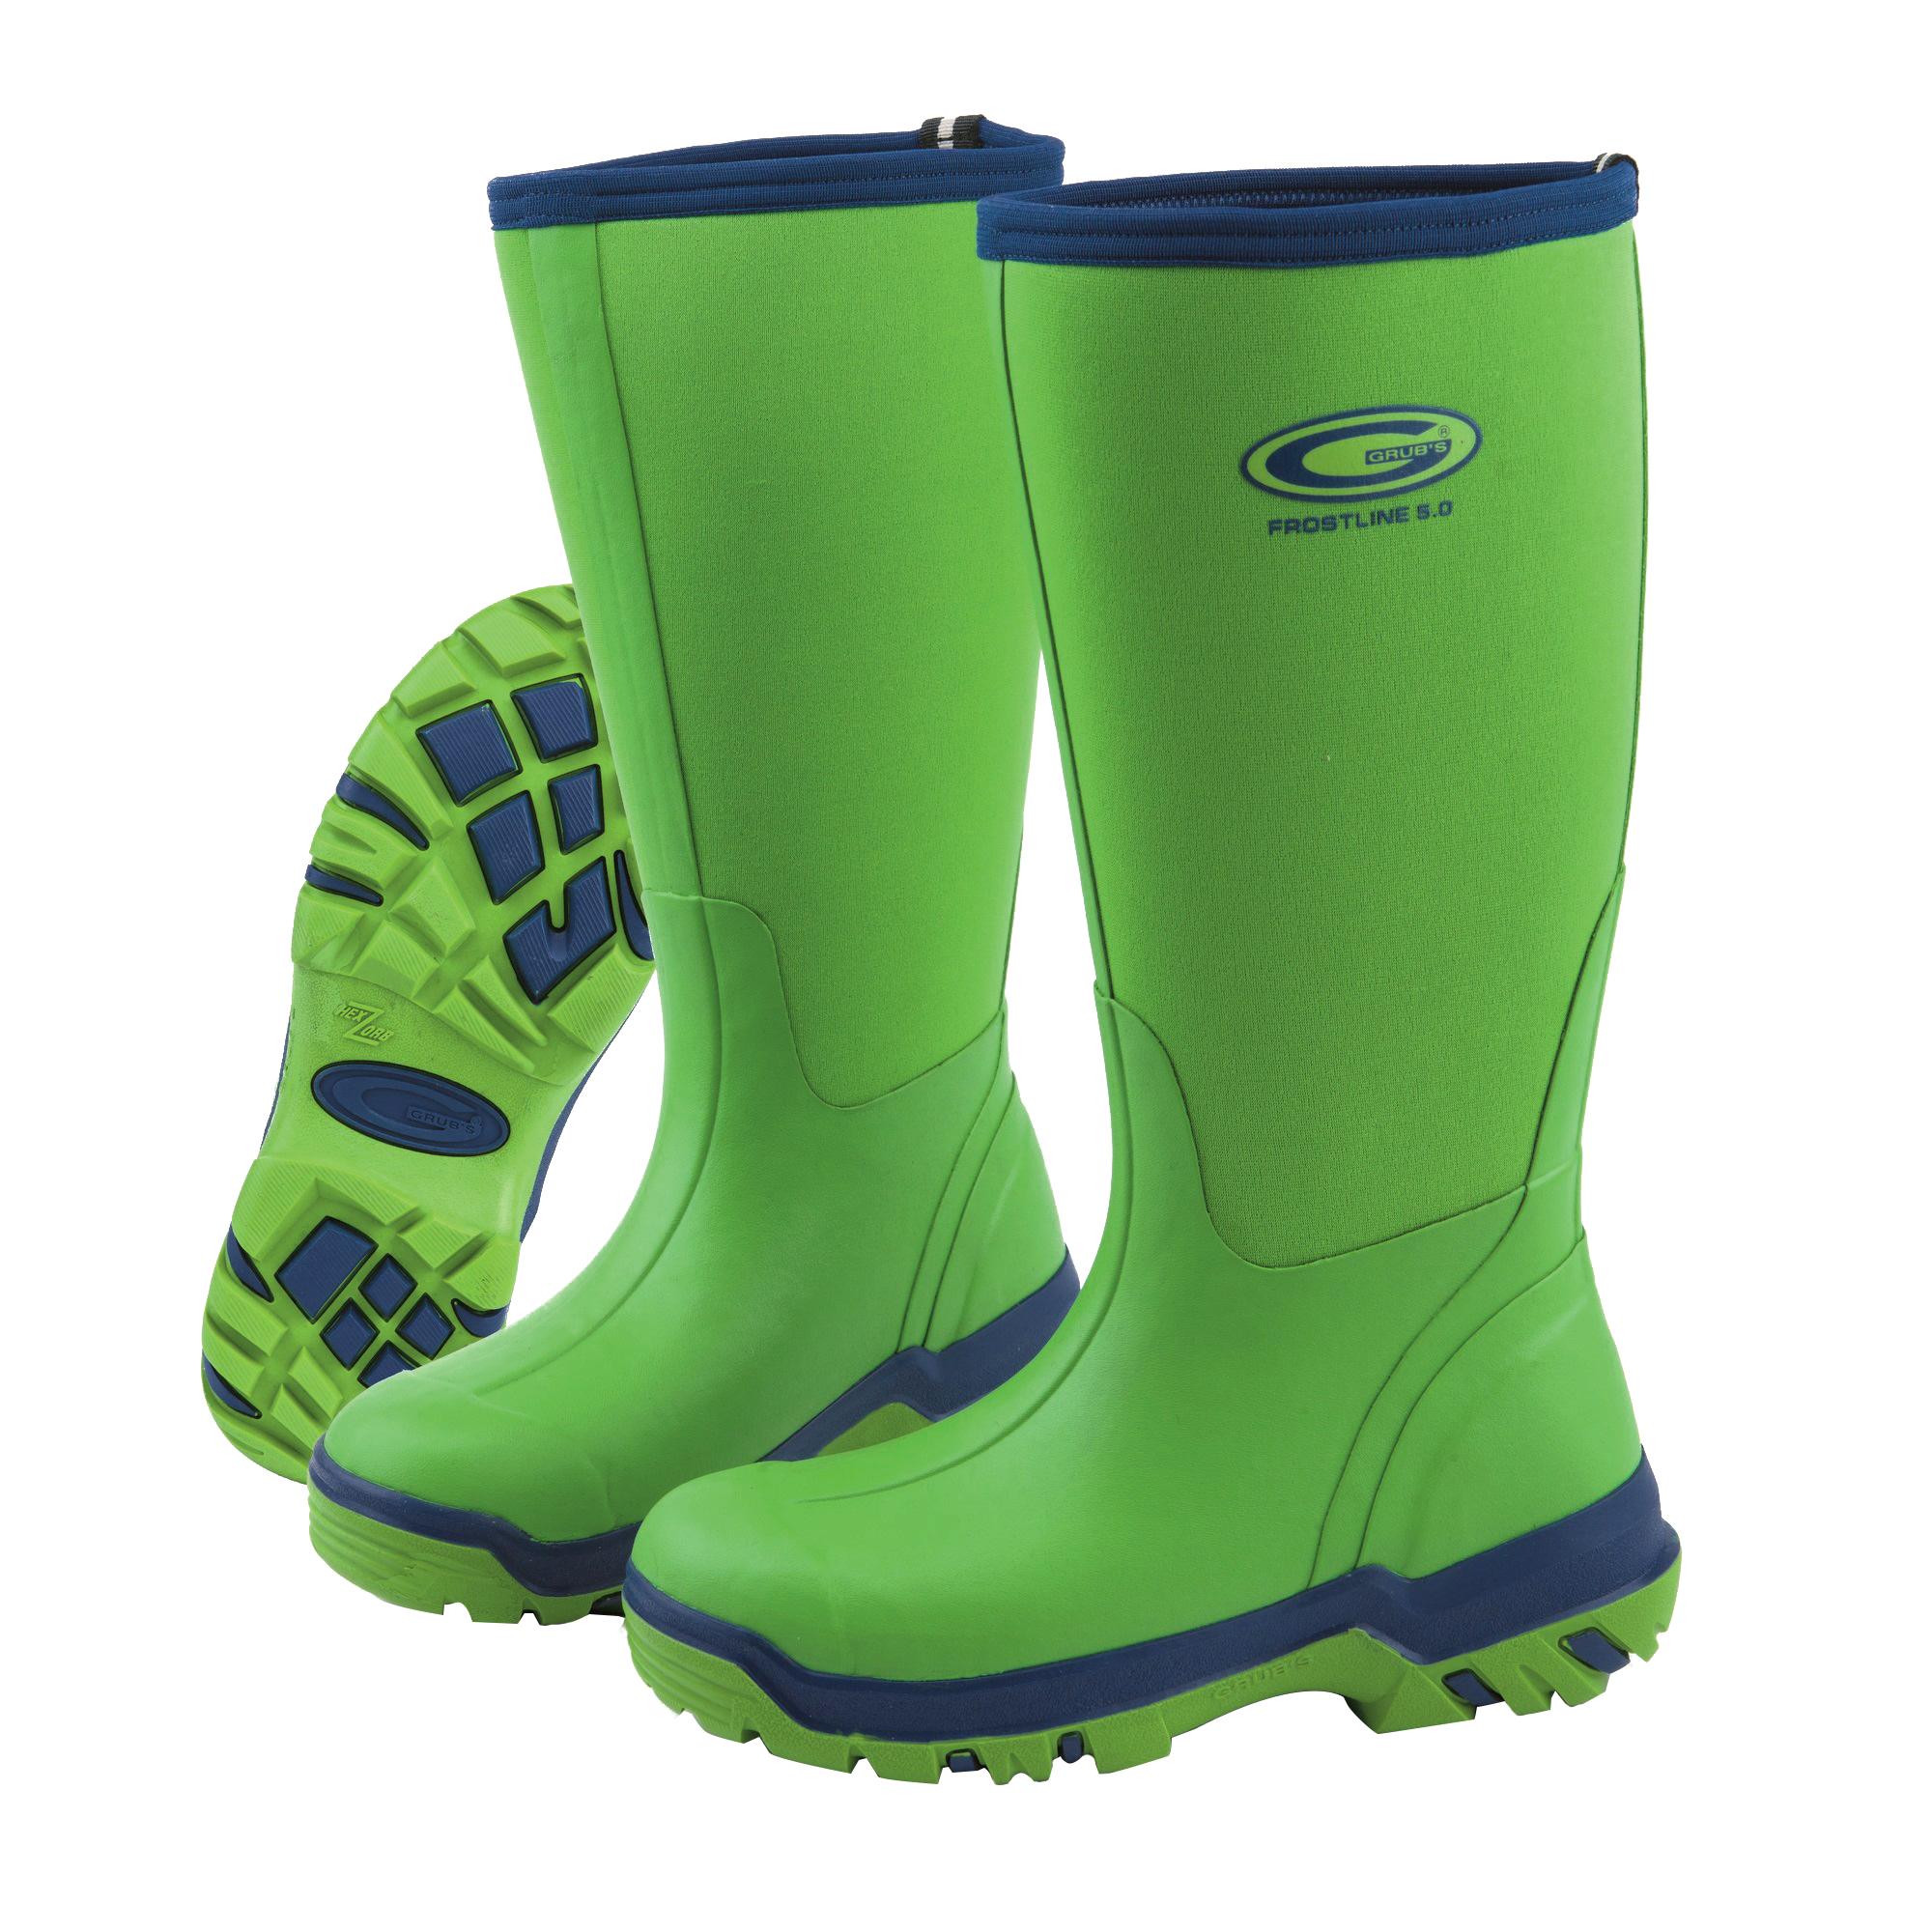 Grubs - botas Frostline modelo Frostline botas para mujer (TL1512) 7852d1